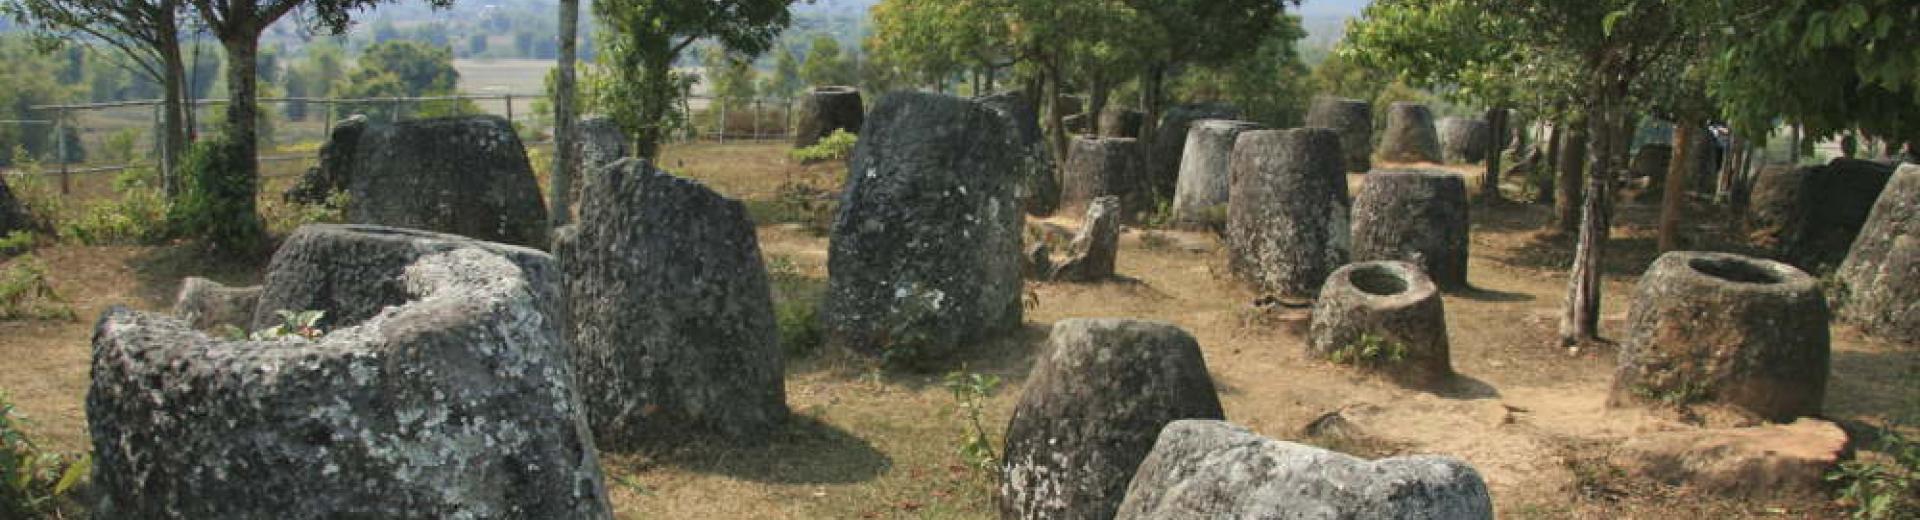 Laos plainofjars getty